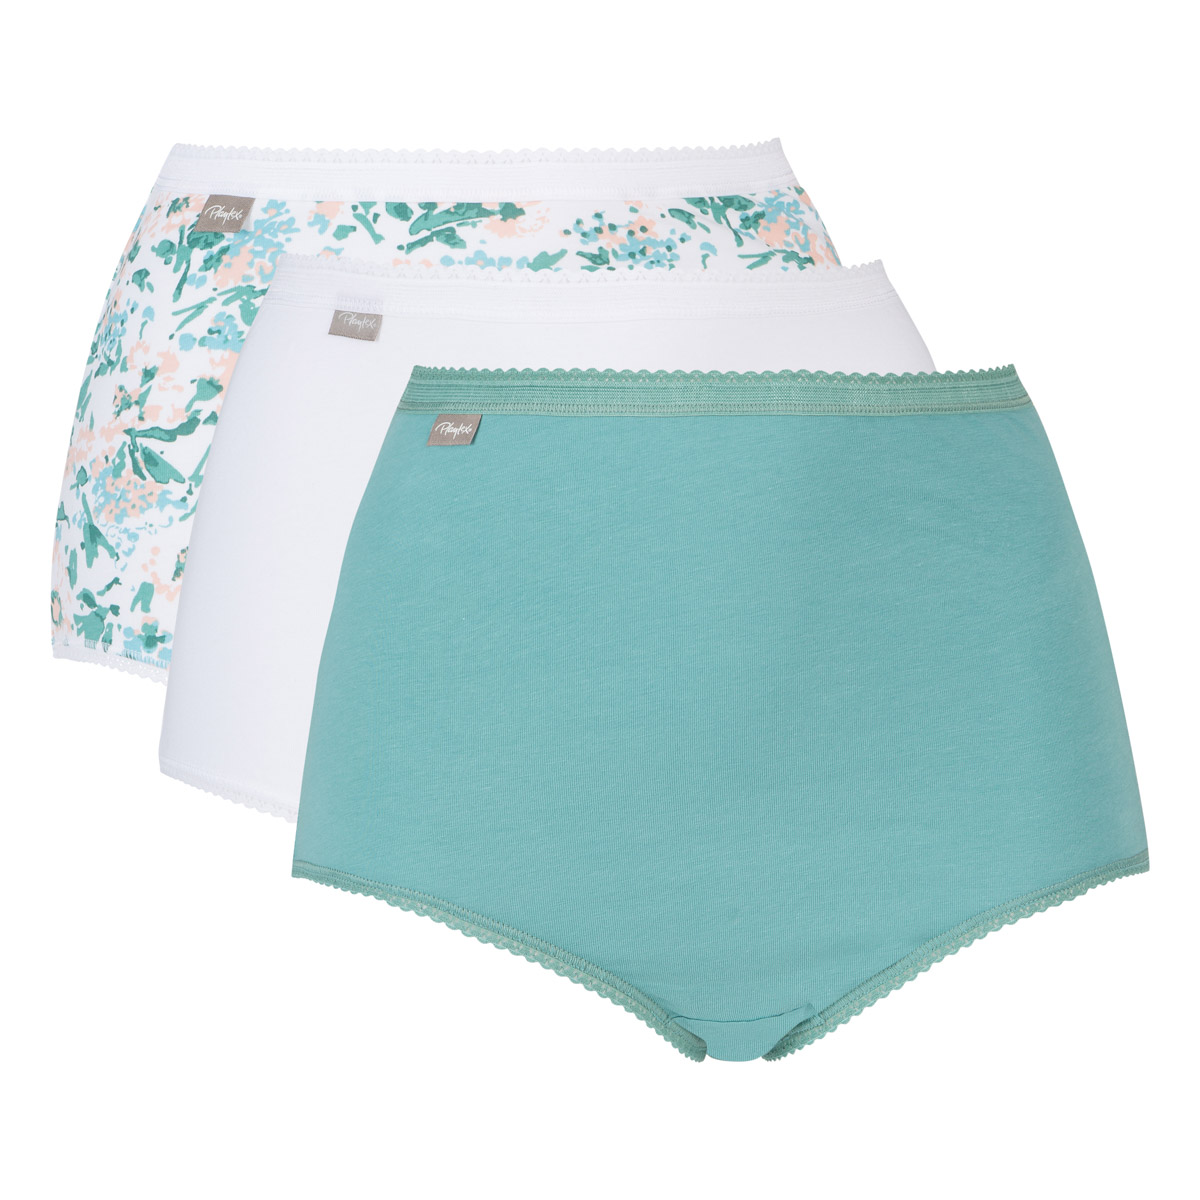 Lot de 3 culottes taille haute verte, blanche et motifs fleurs Coton Stretch, , PLAYTEX